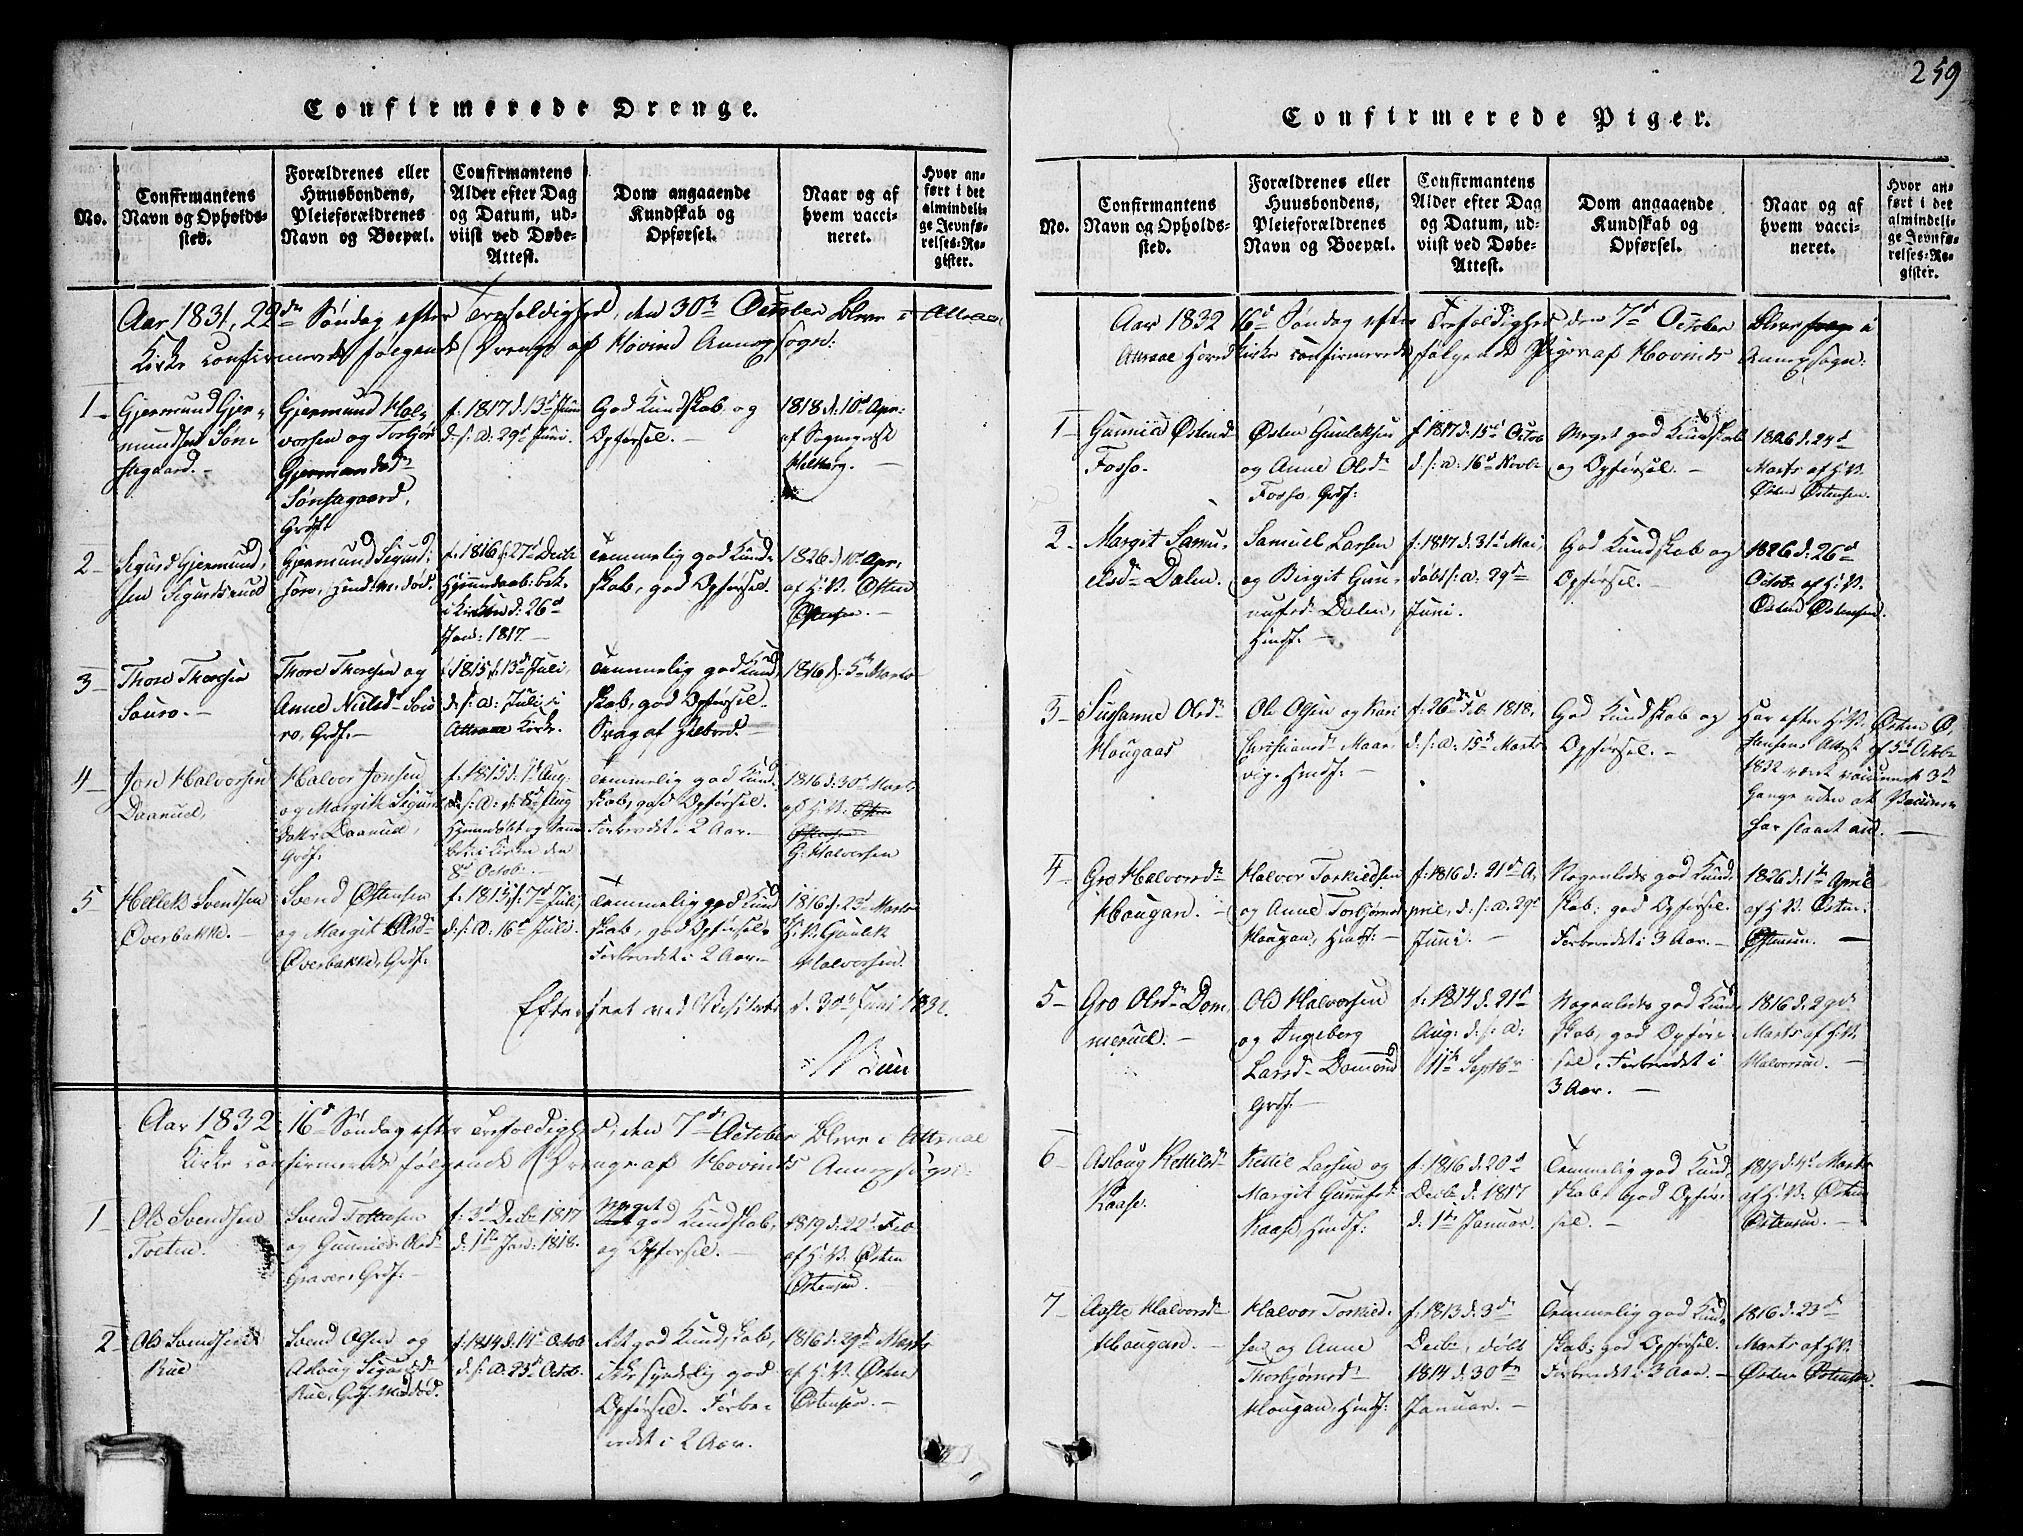 SAKO, Gransherad kirkebøker, G/Gb/L0001: Klokkerbok nr. II 1, 1815-1860, s. 259